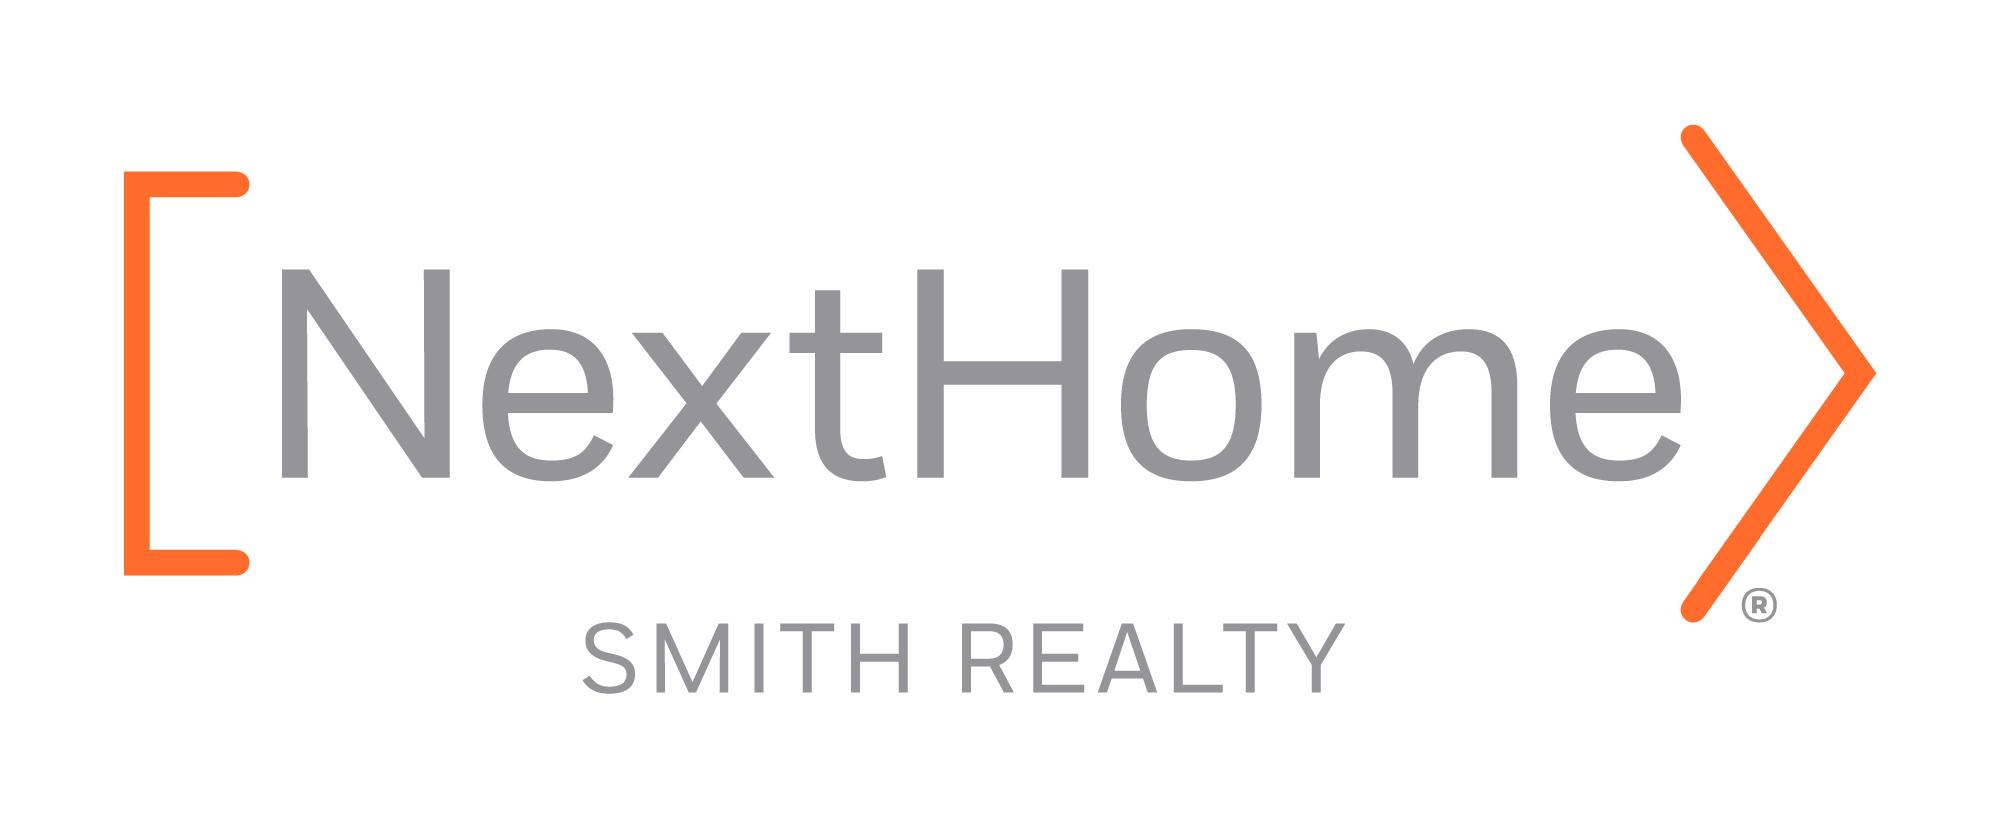 NextHome Smith Realty